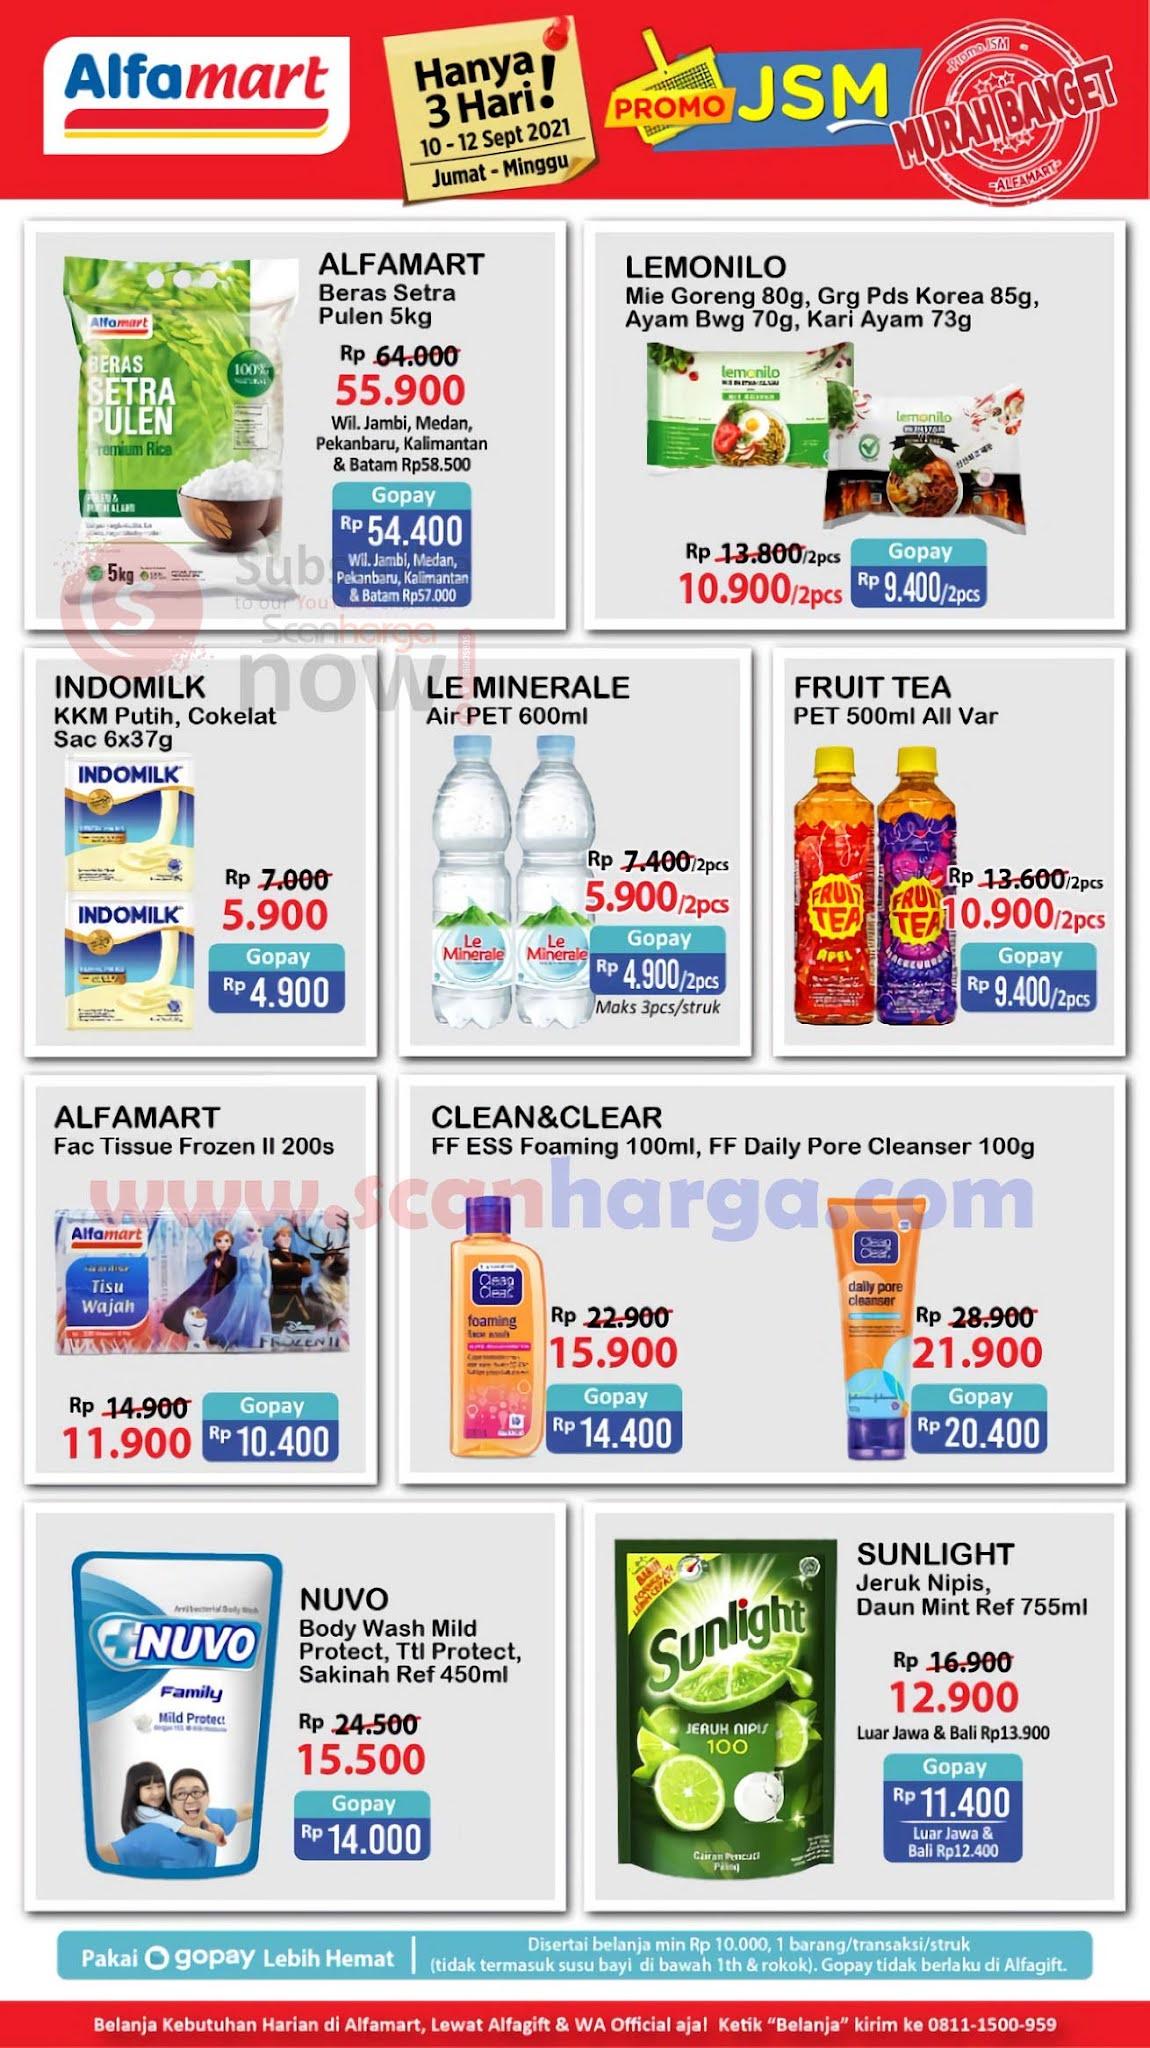 Katalog Promo JSM Alfamart Weekend 10 - 12 September 2021 2